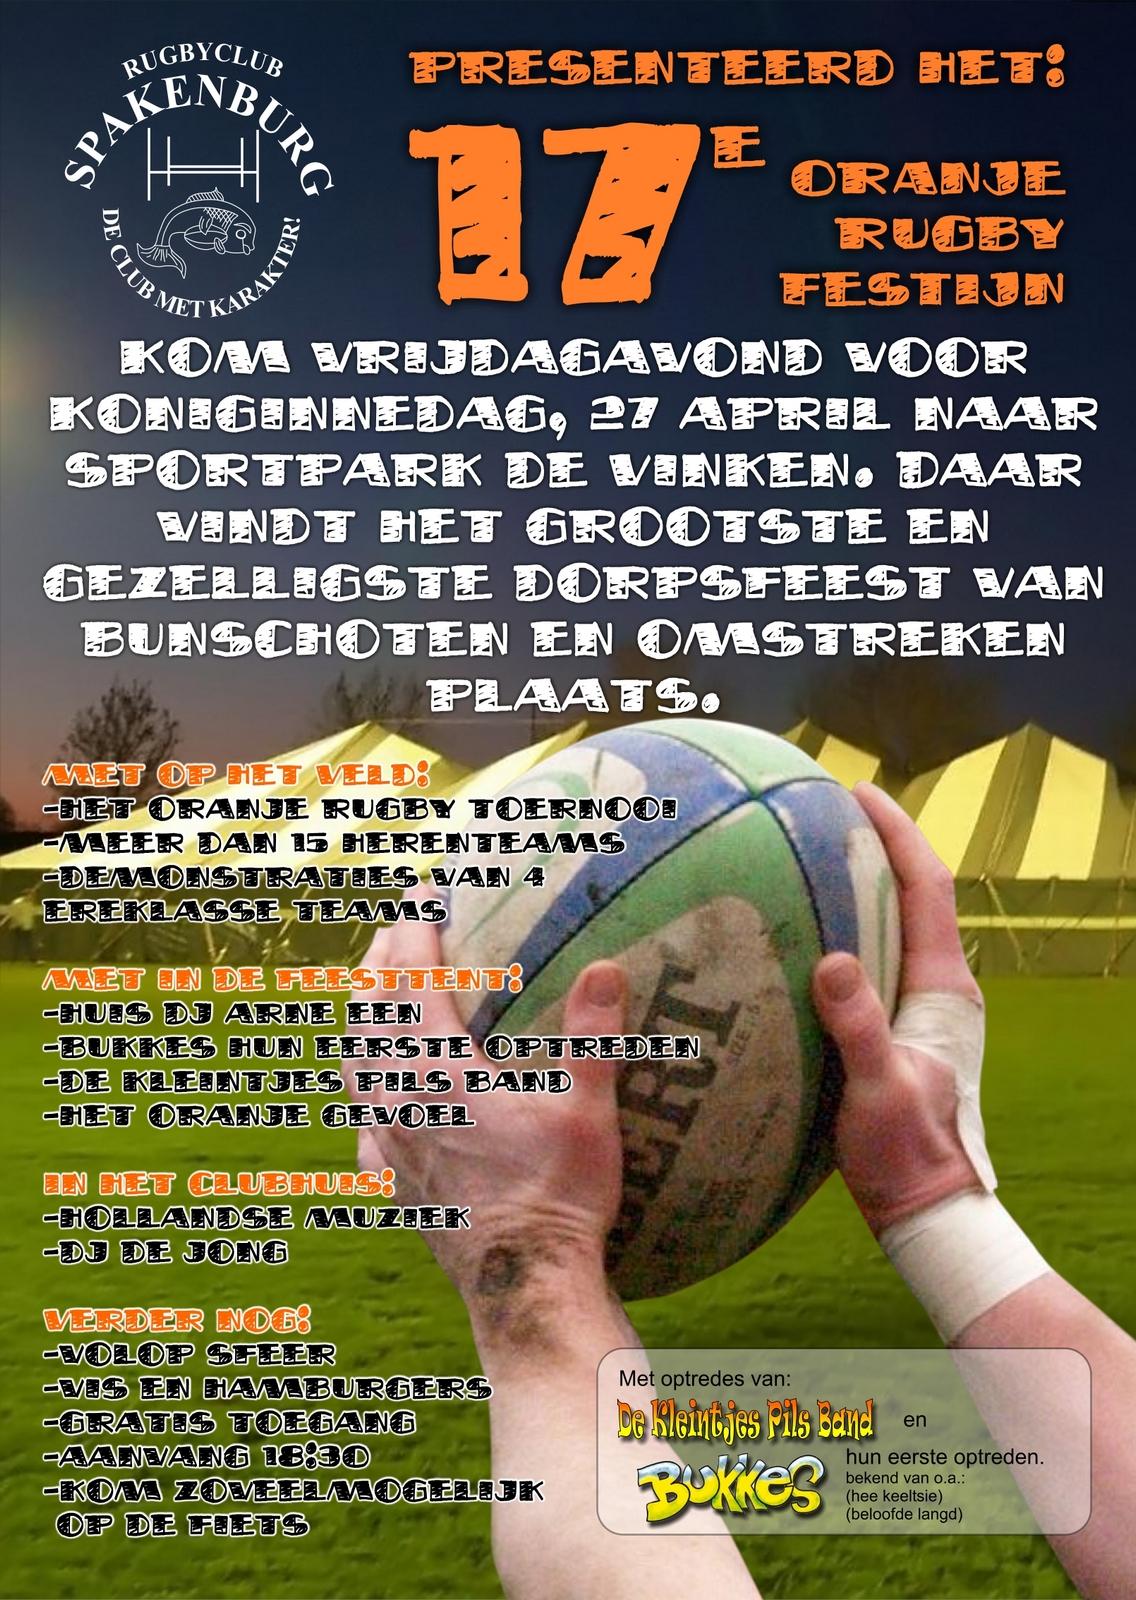 Het Oranje Rugby Festijn 2007